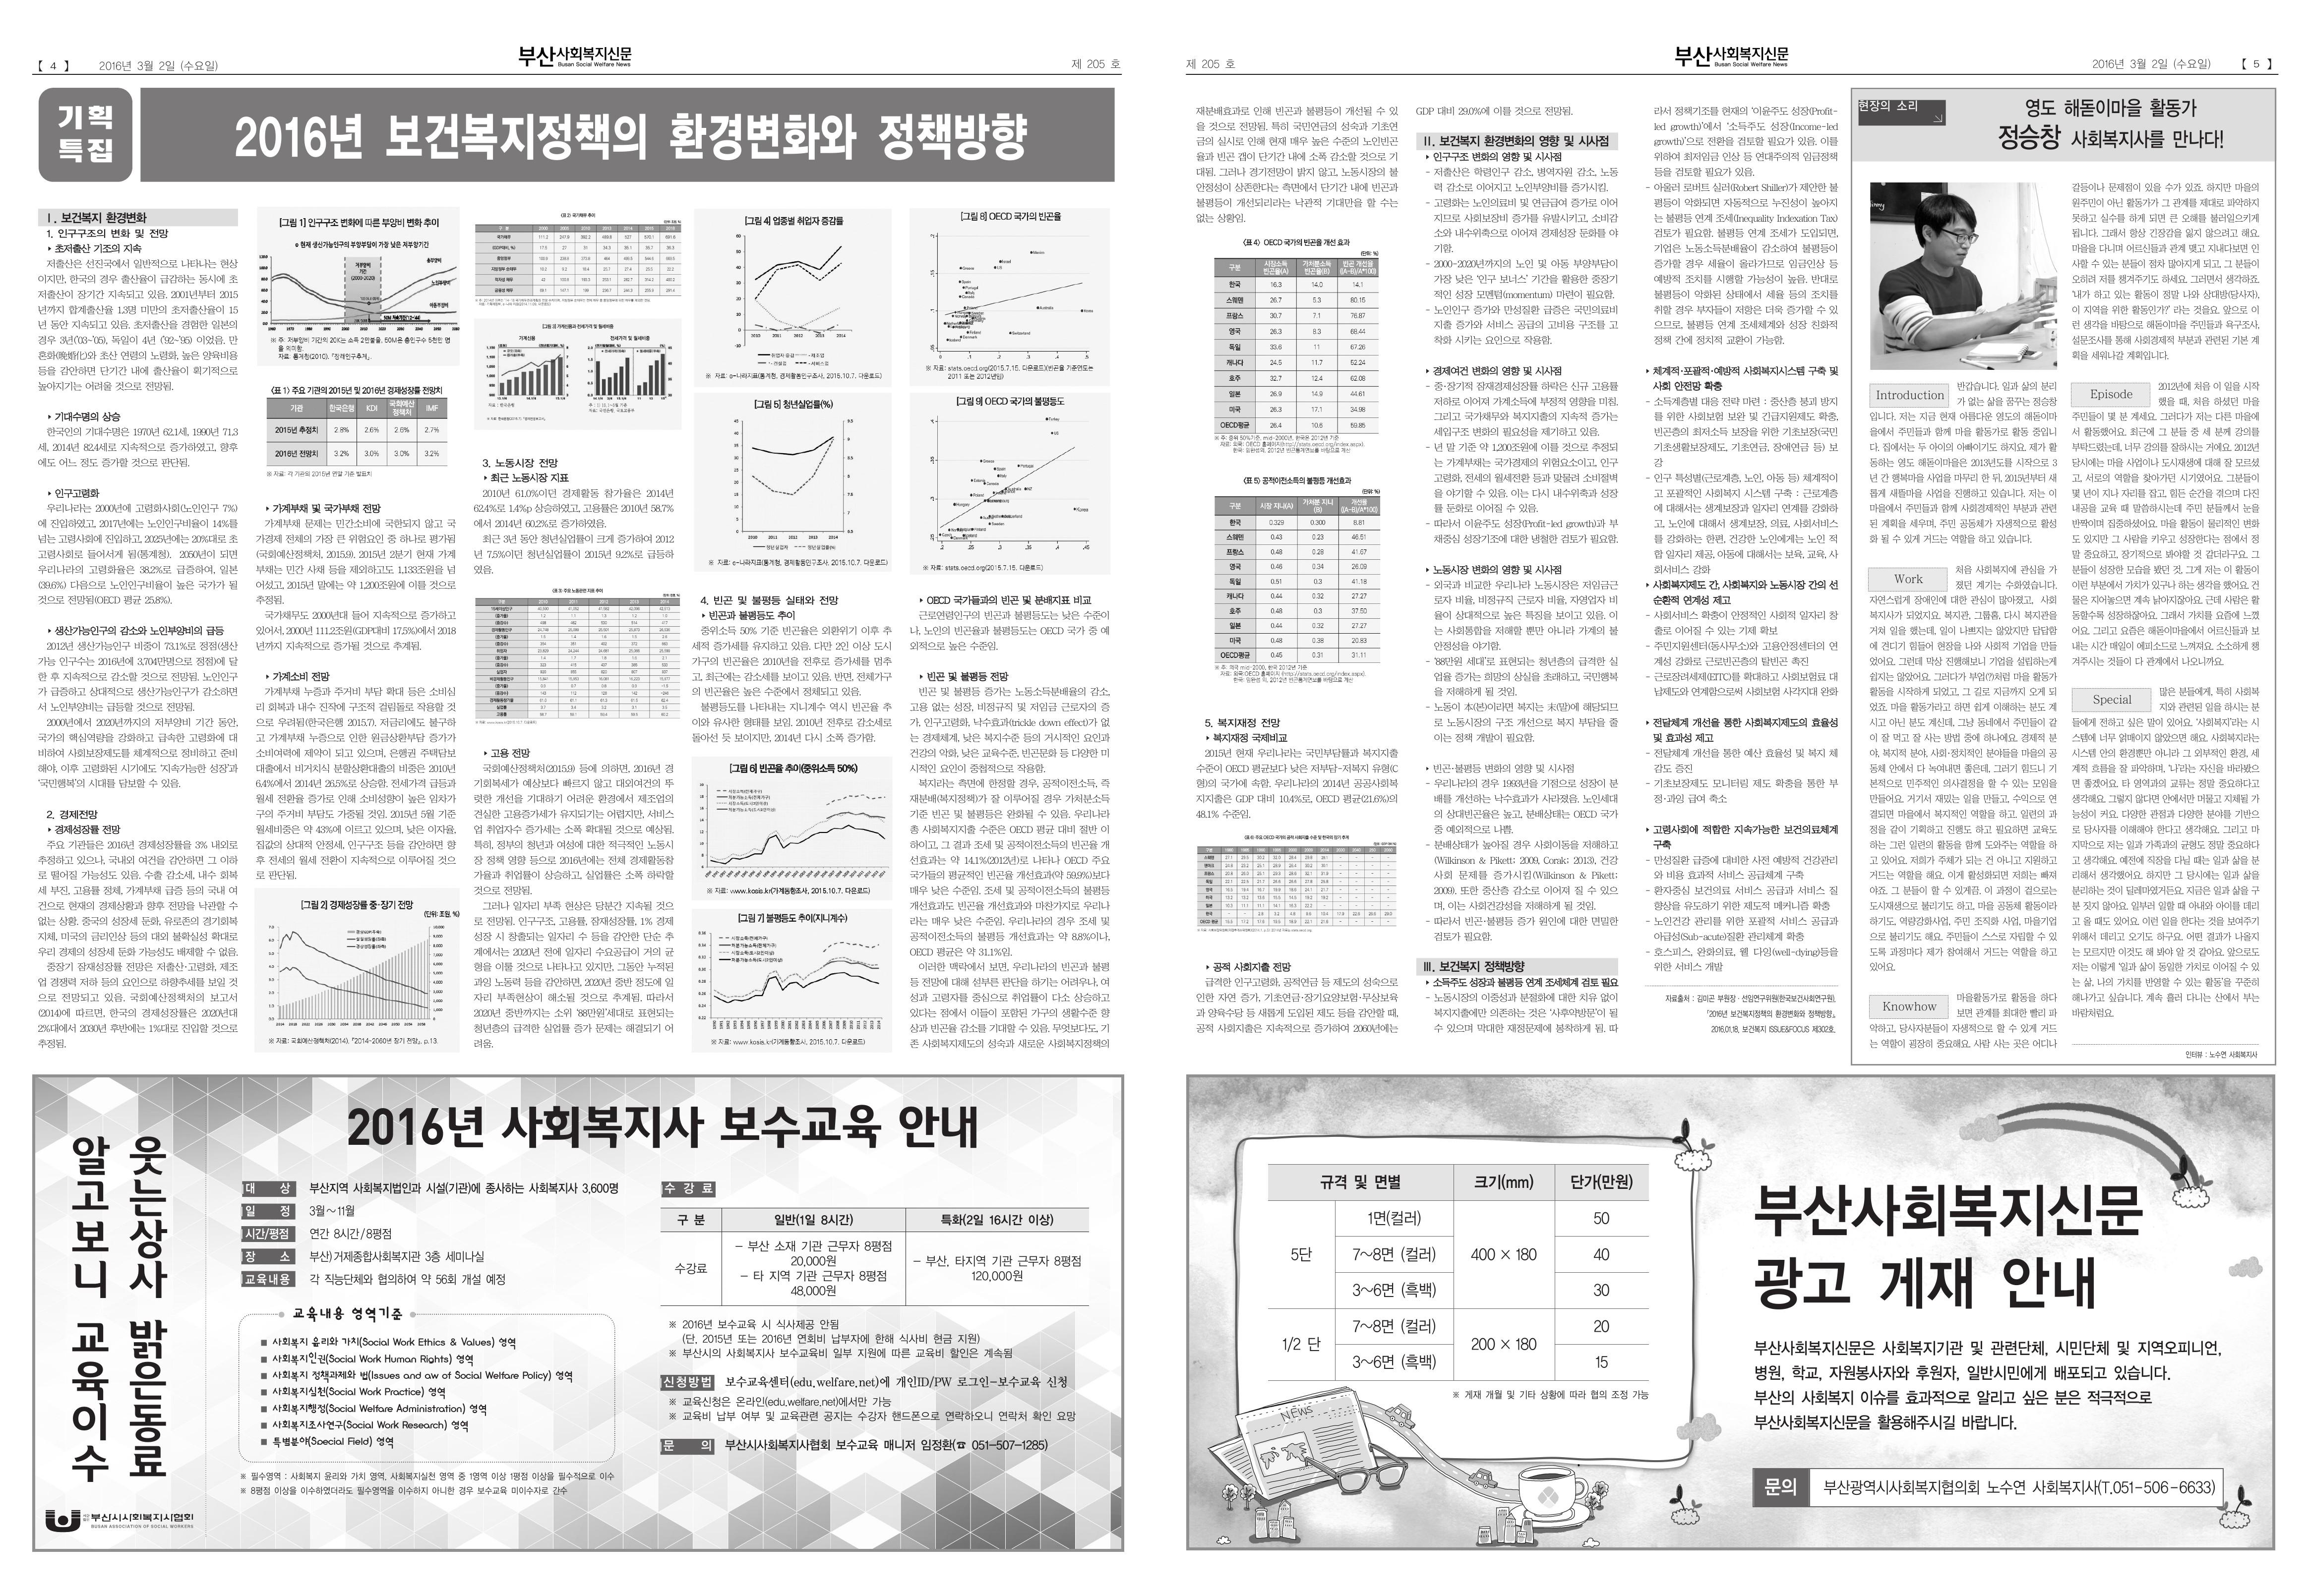 부산사회복지신문 205호(최종)-4.jpg